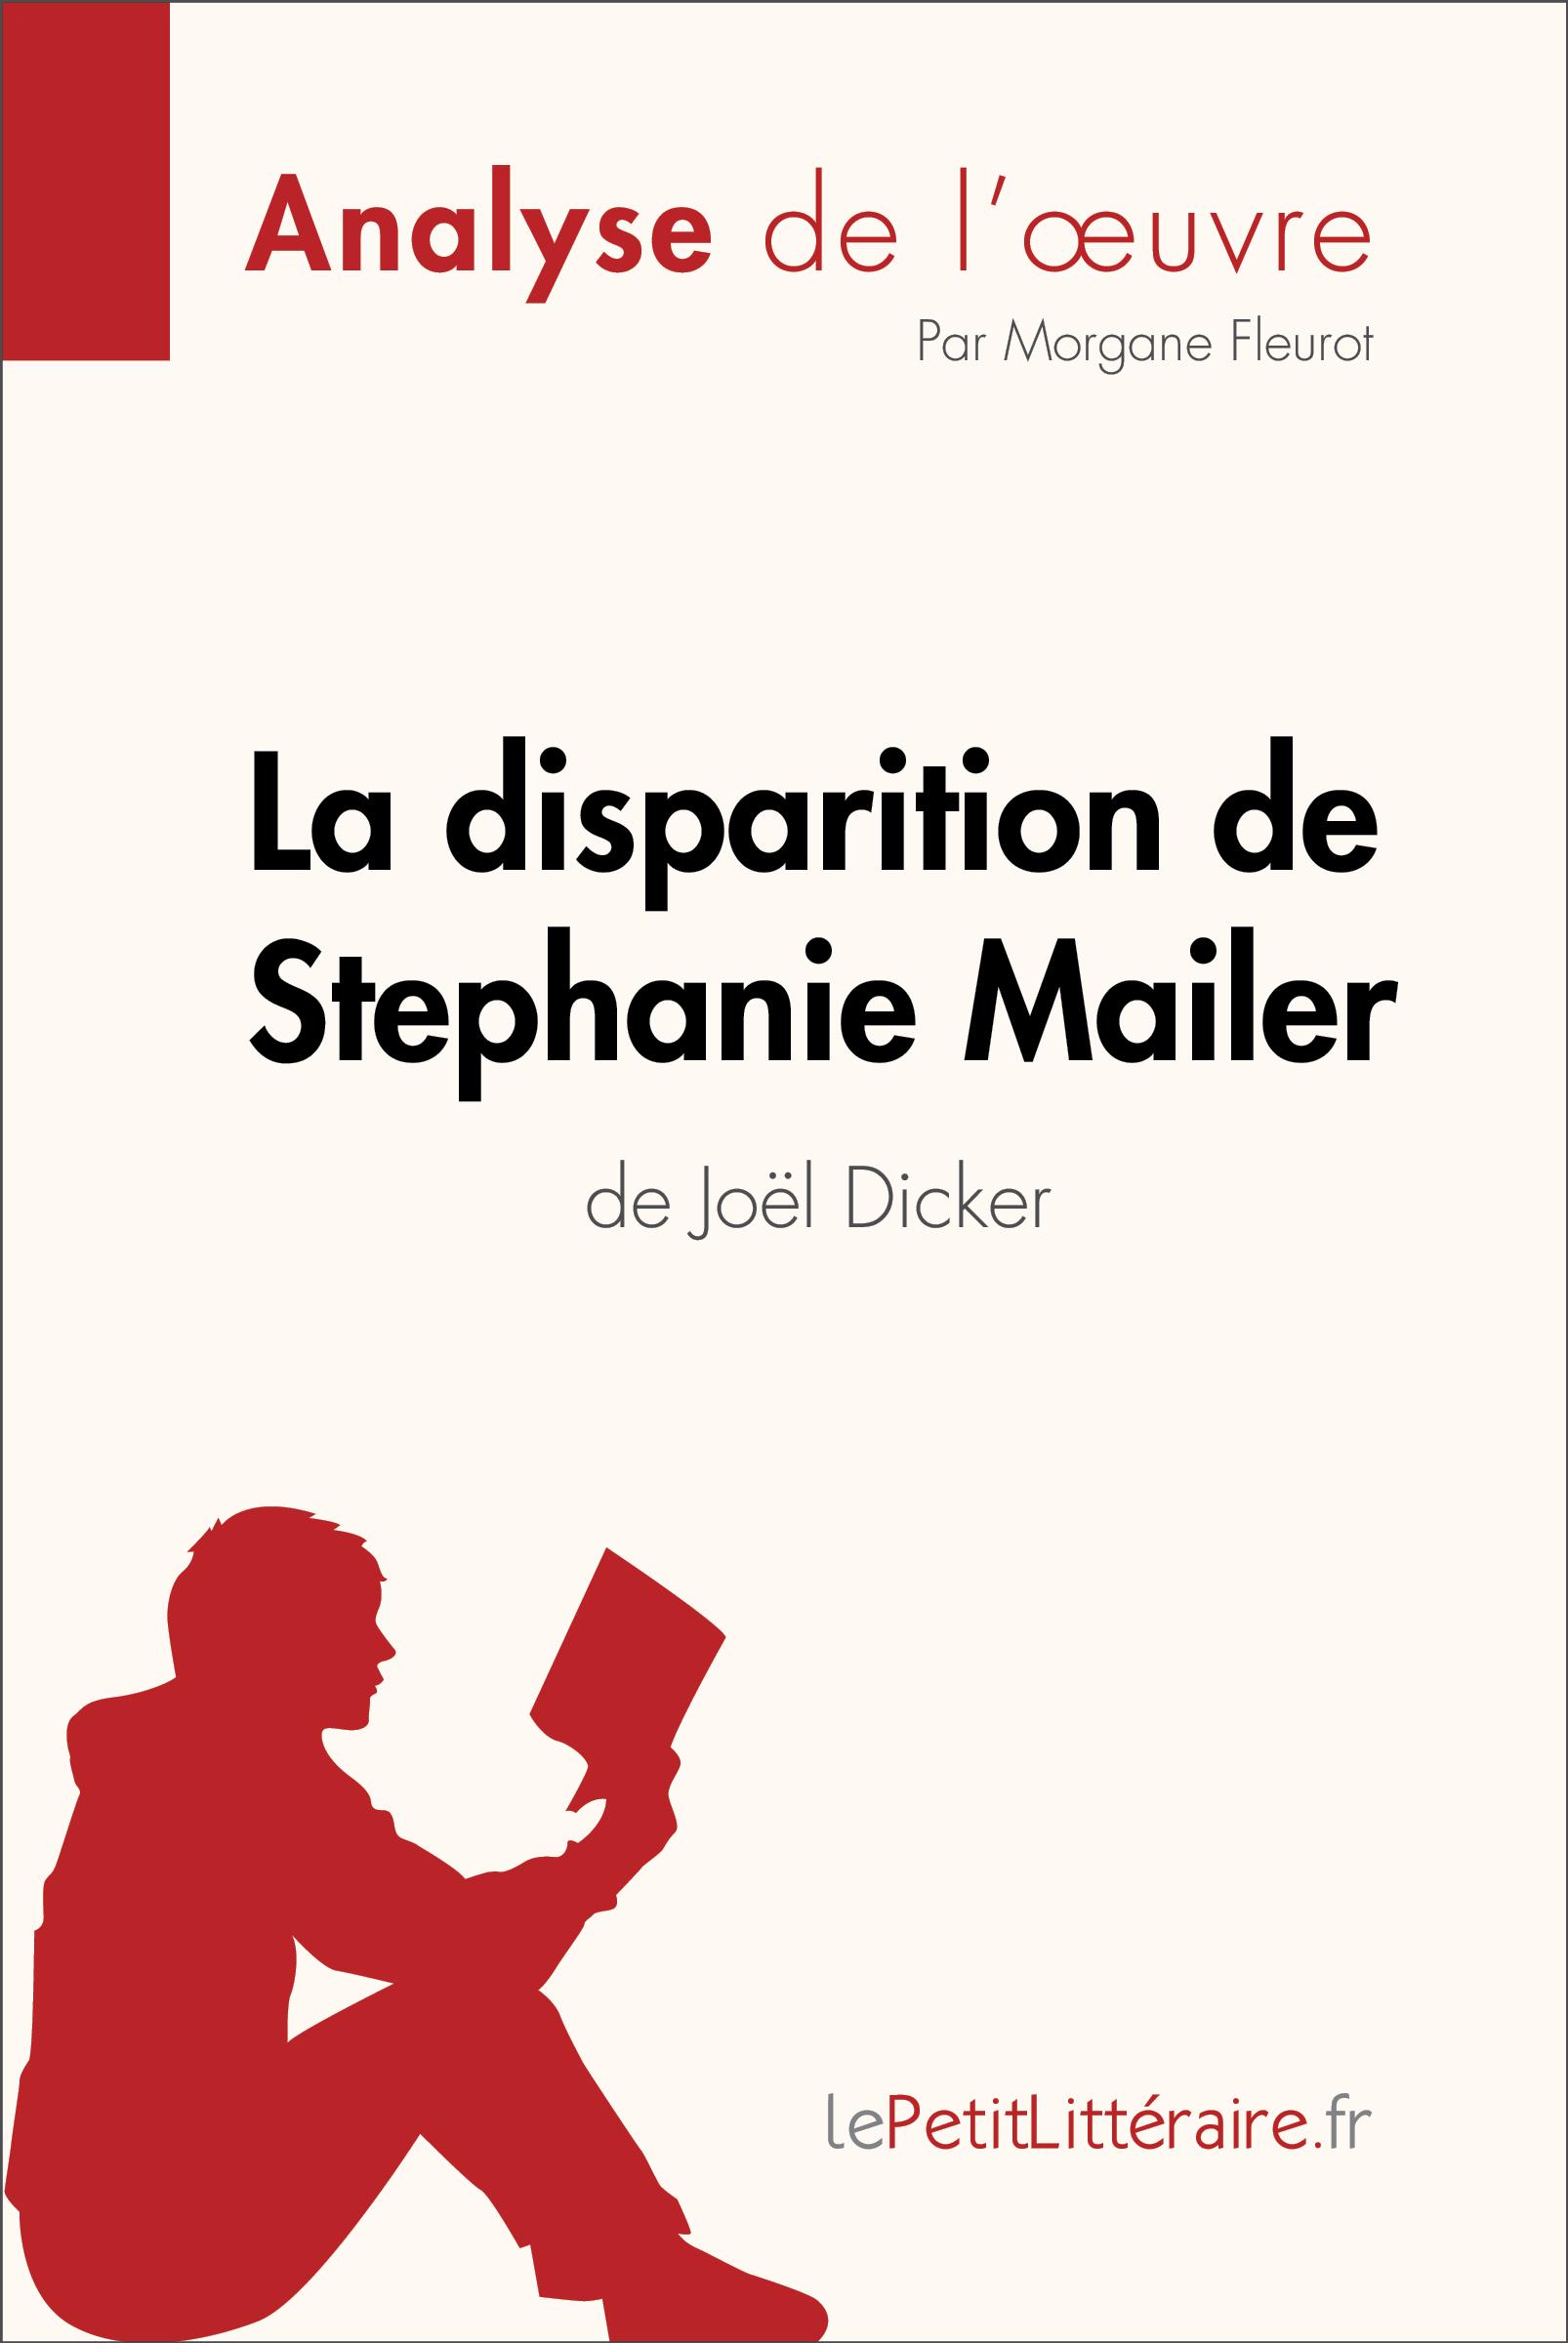 Analyse du livre :  La disparition de Stephanie Mailer